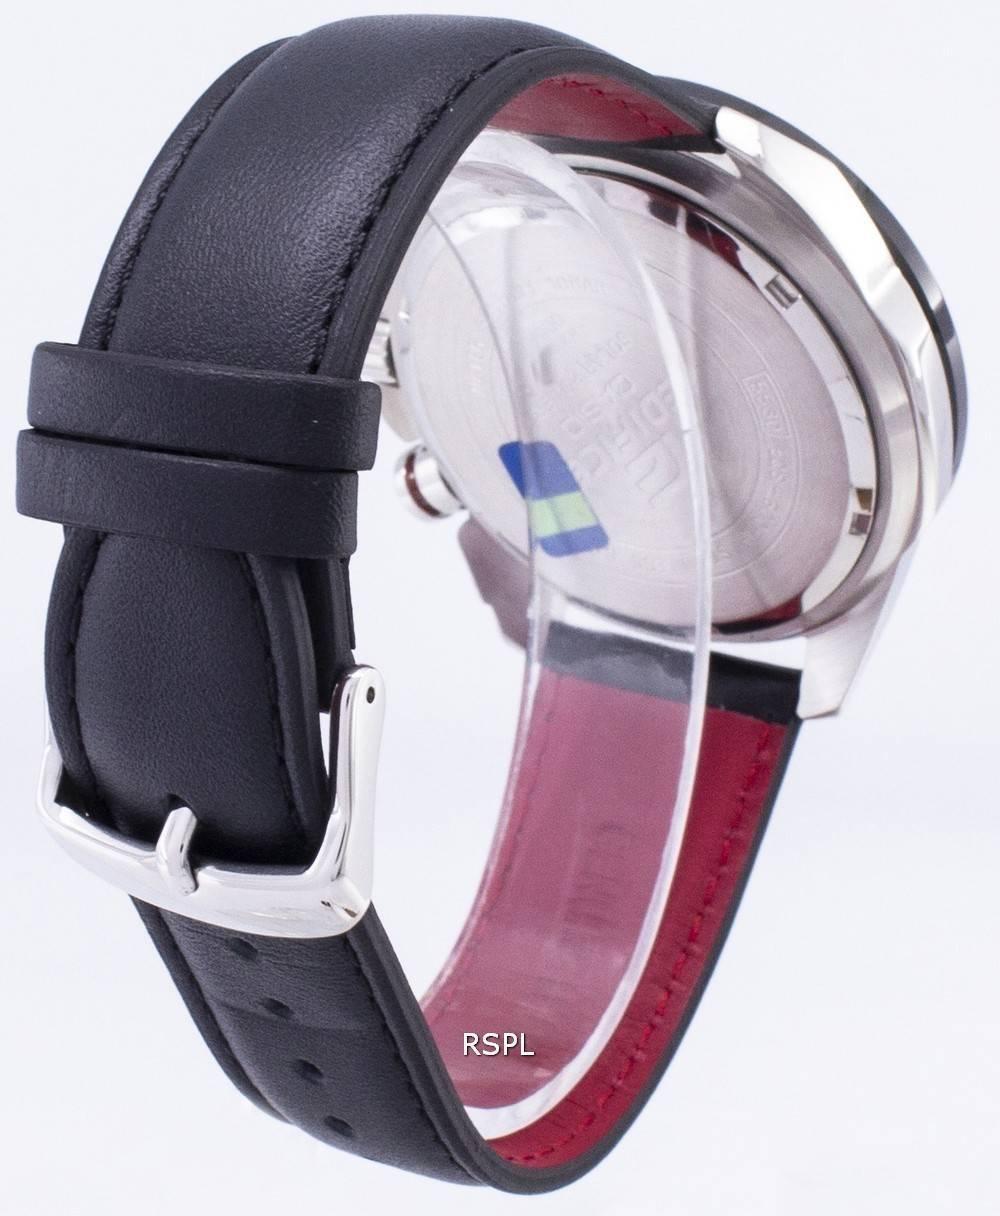 Montre Casio Edifice EQS 600BL 1 a solaire chronographe  mVMxC